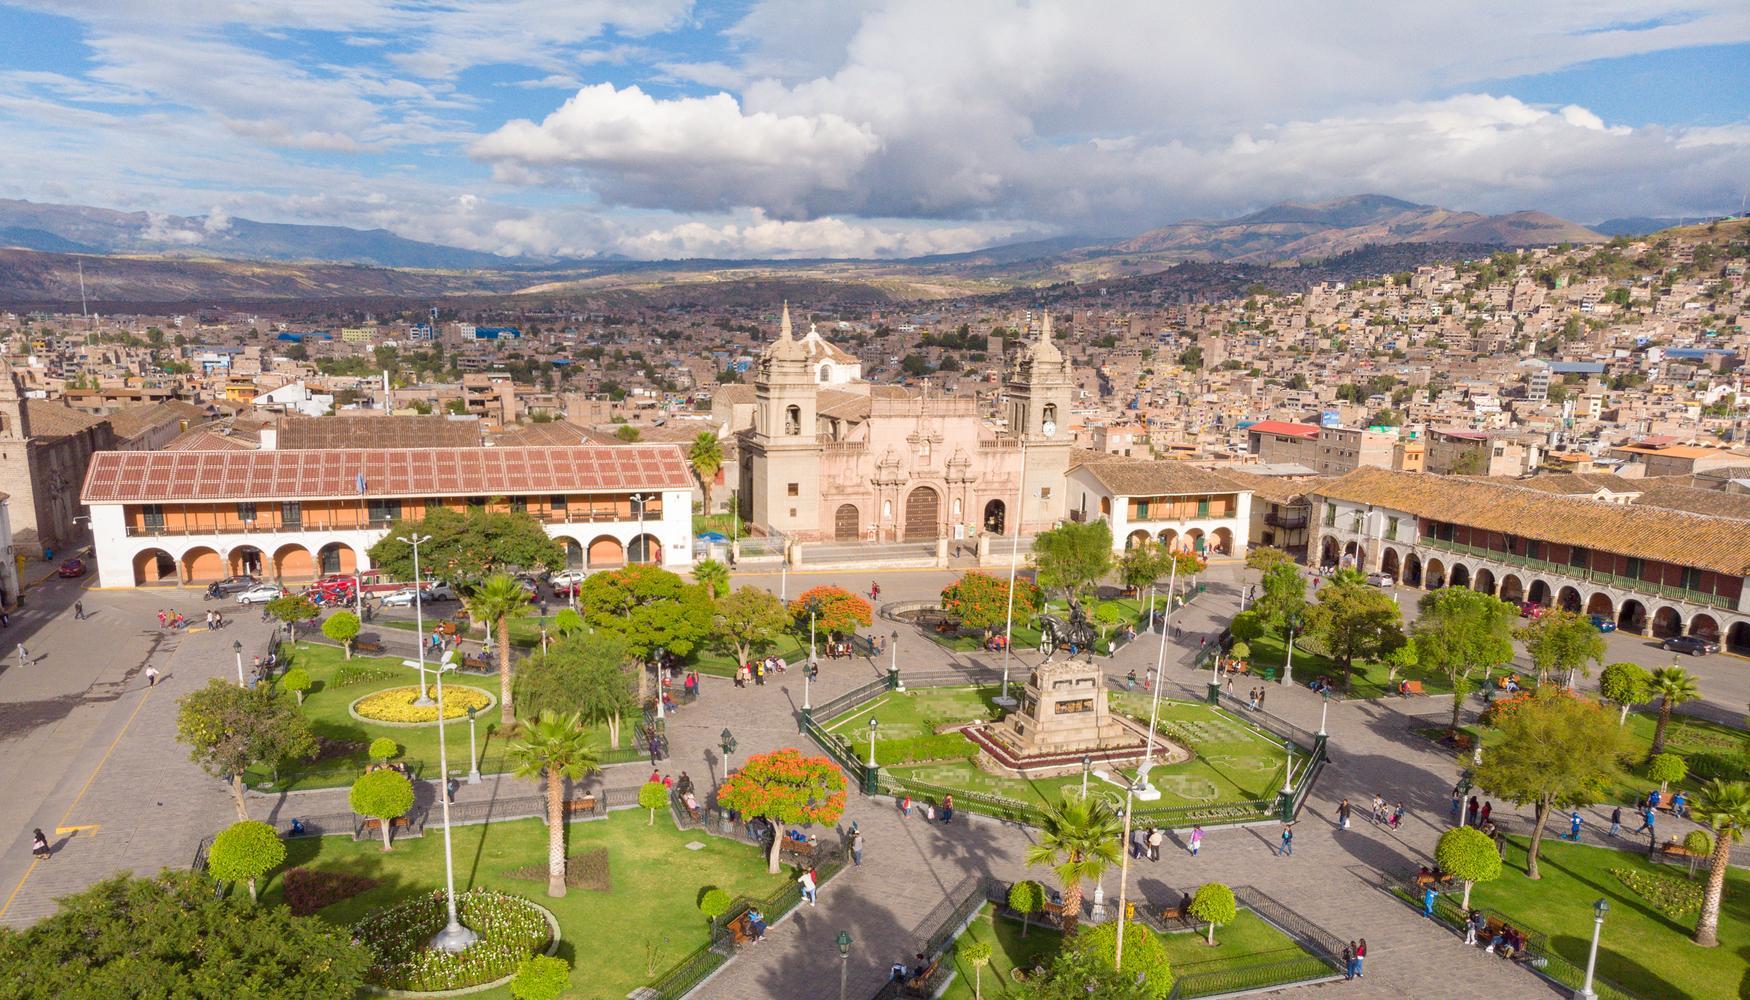 阿亚库乔 秘鲁空军阿尔弗雷德·曼迪威尔·杜阿尔特上校机场的租车